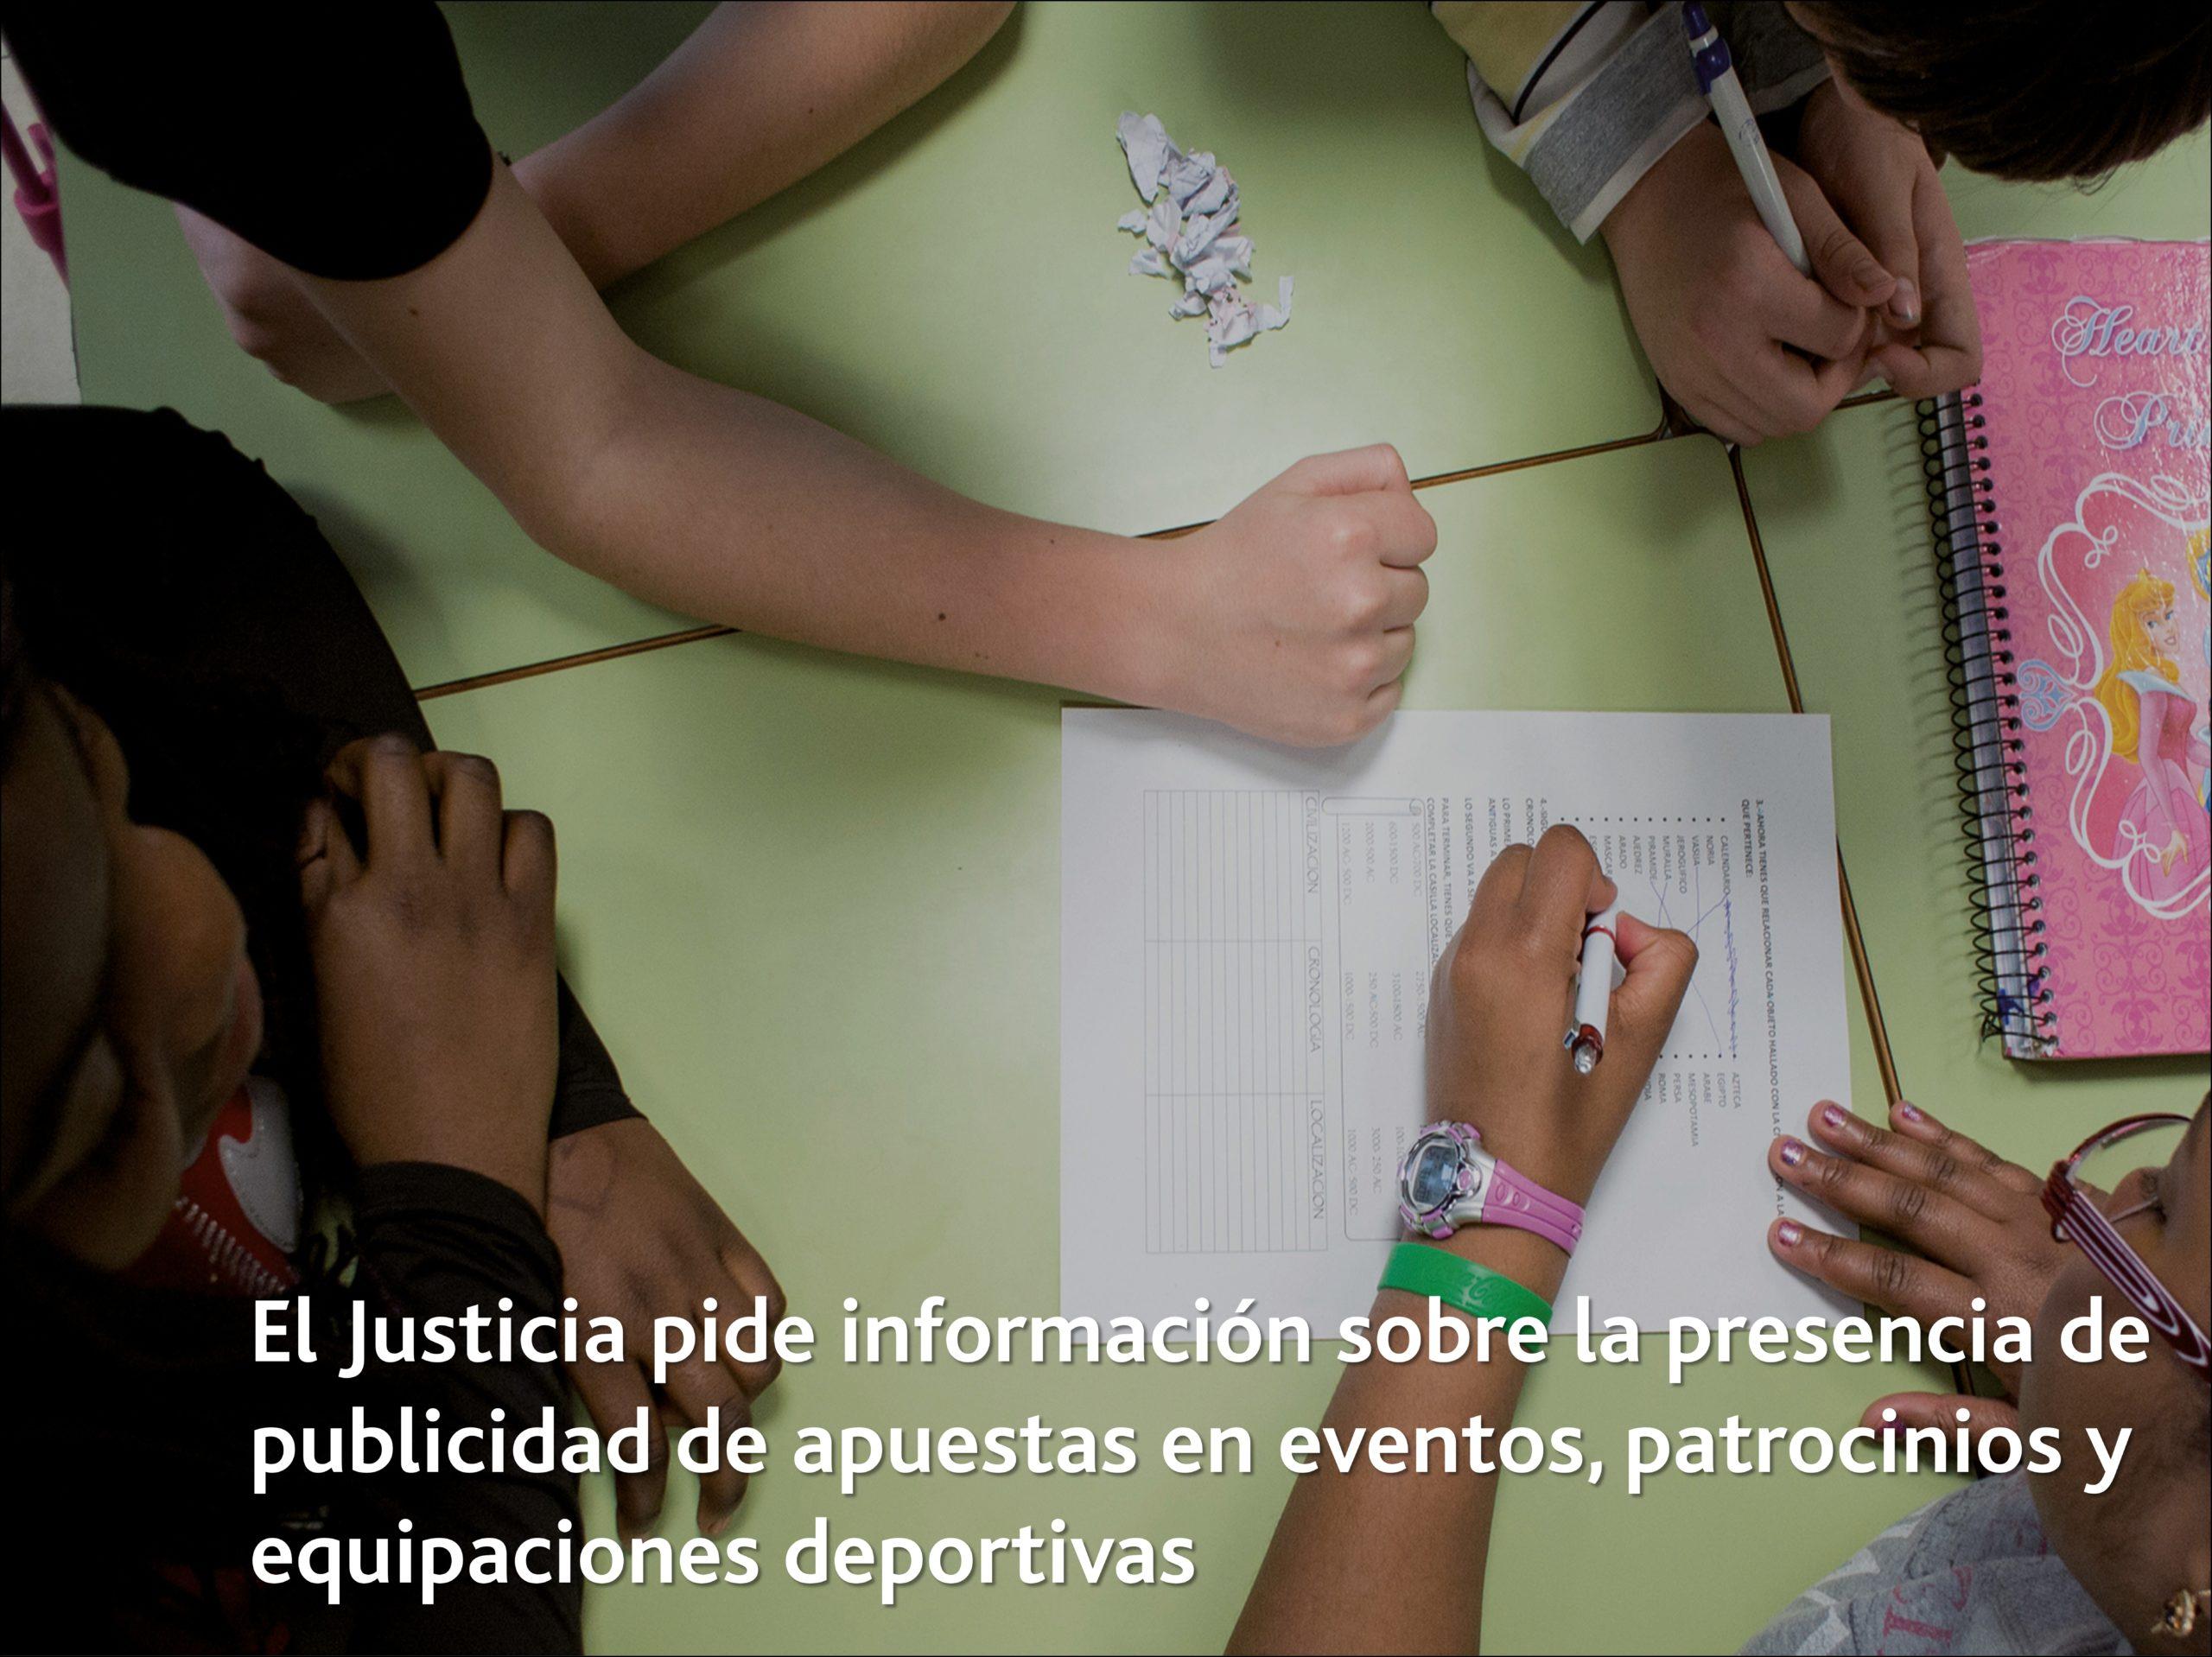 El Justicia pide información sobre la presencia de publicidad de apuestas en eventos, patrocinios y equipaciones deportivas